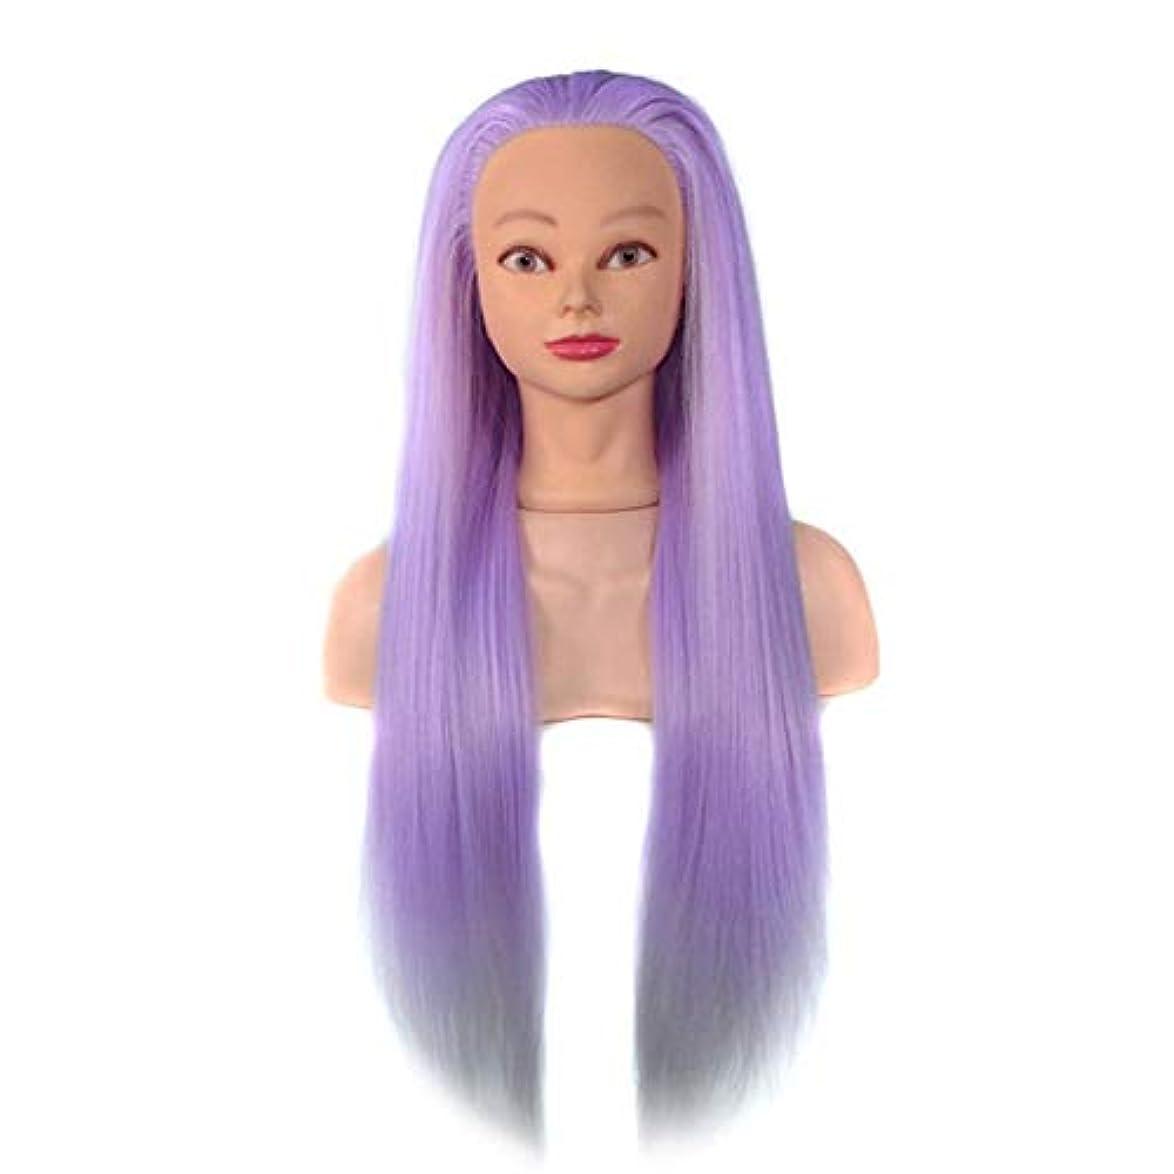 暴露する機関速度ヘアサロンスタイリング練習ヘッドモデル美容院高温シルク花嫁編組トレーニングヘッド人体モデル人形モデル60センチ,Purple